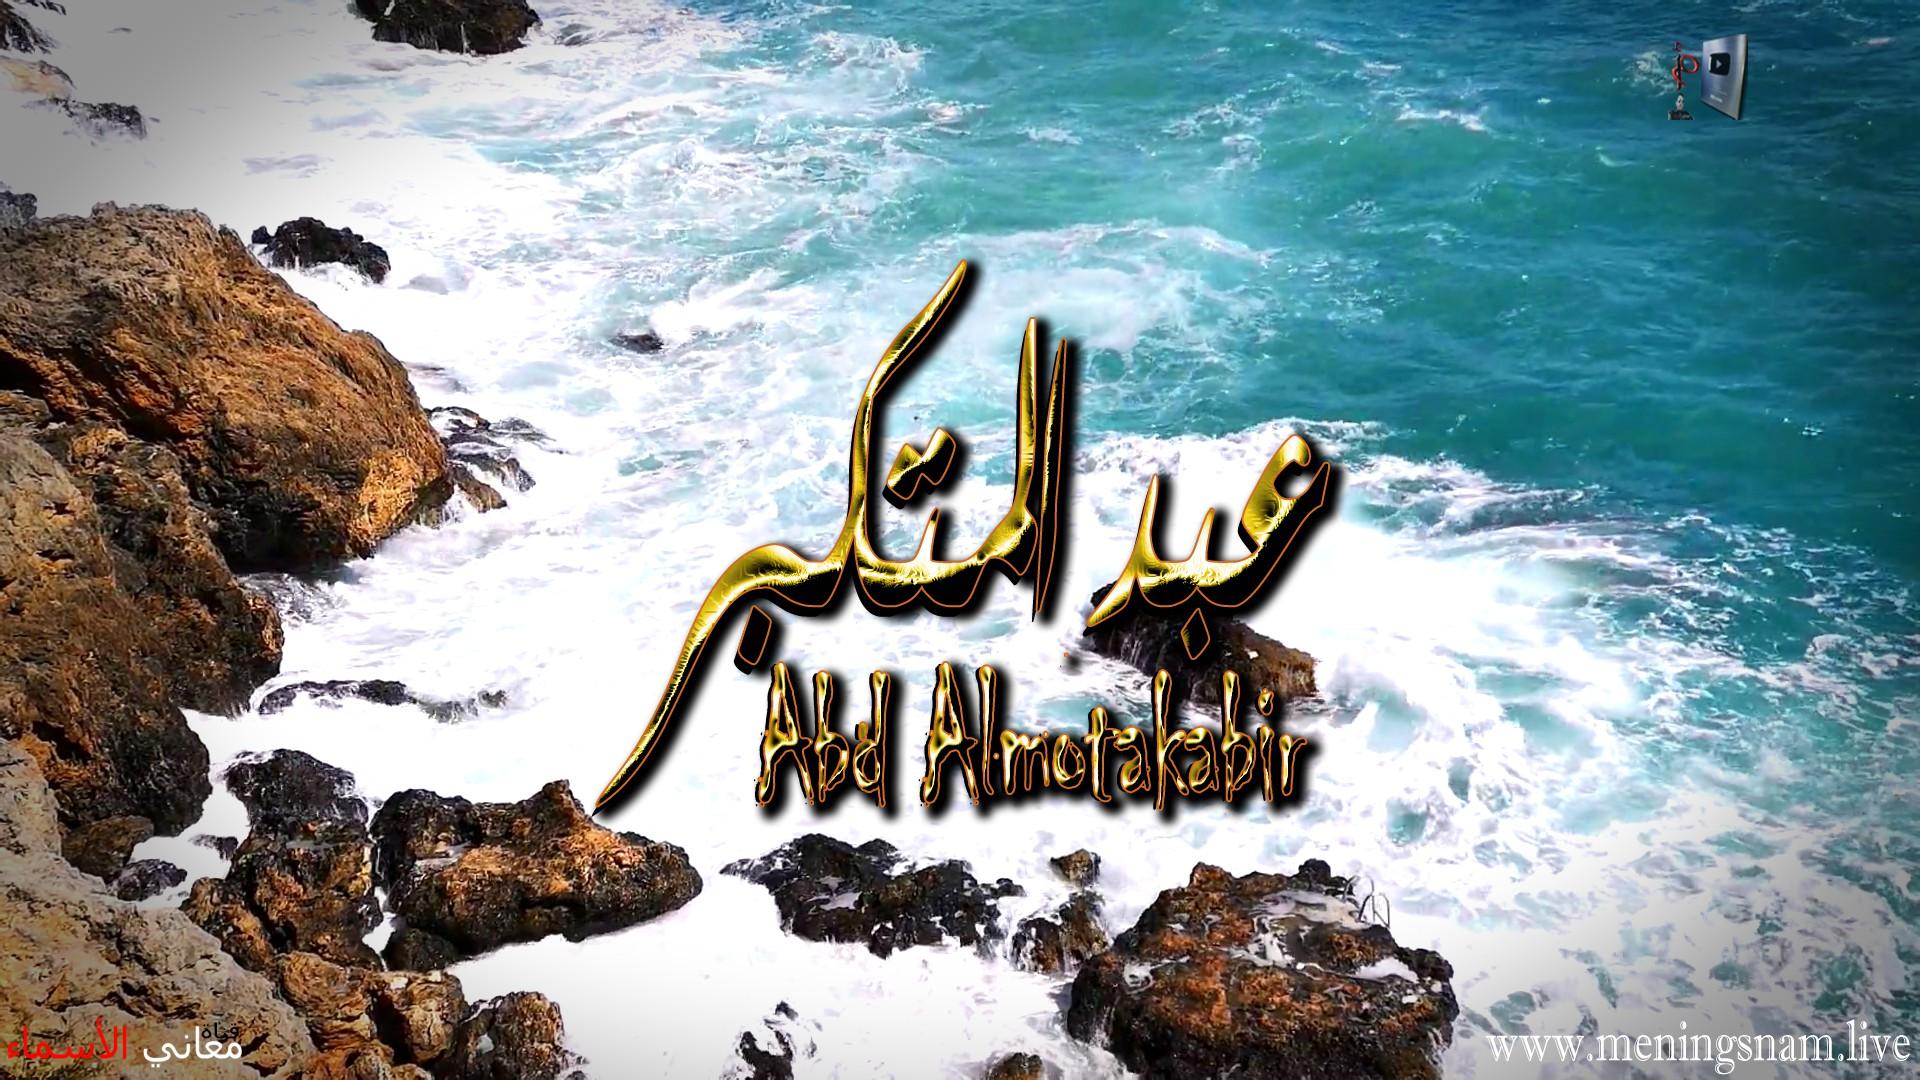 معنى اسم عبد المتكبر وصفات حامل هذا لاسم Abd Almotakabir